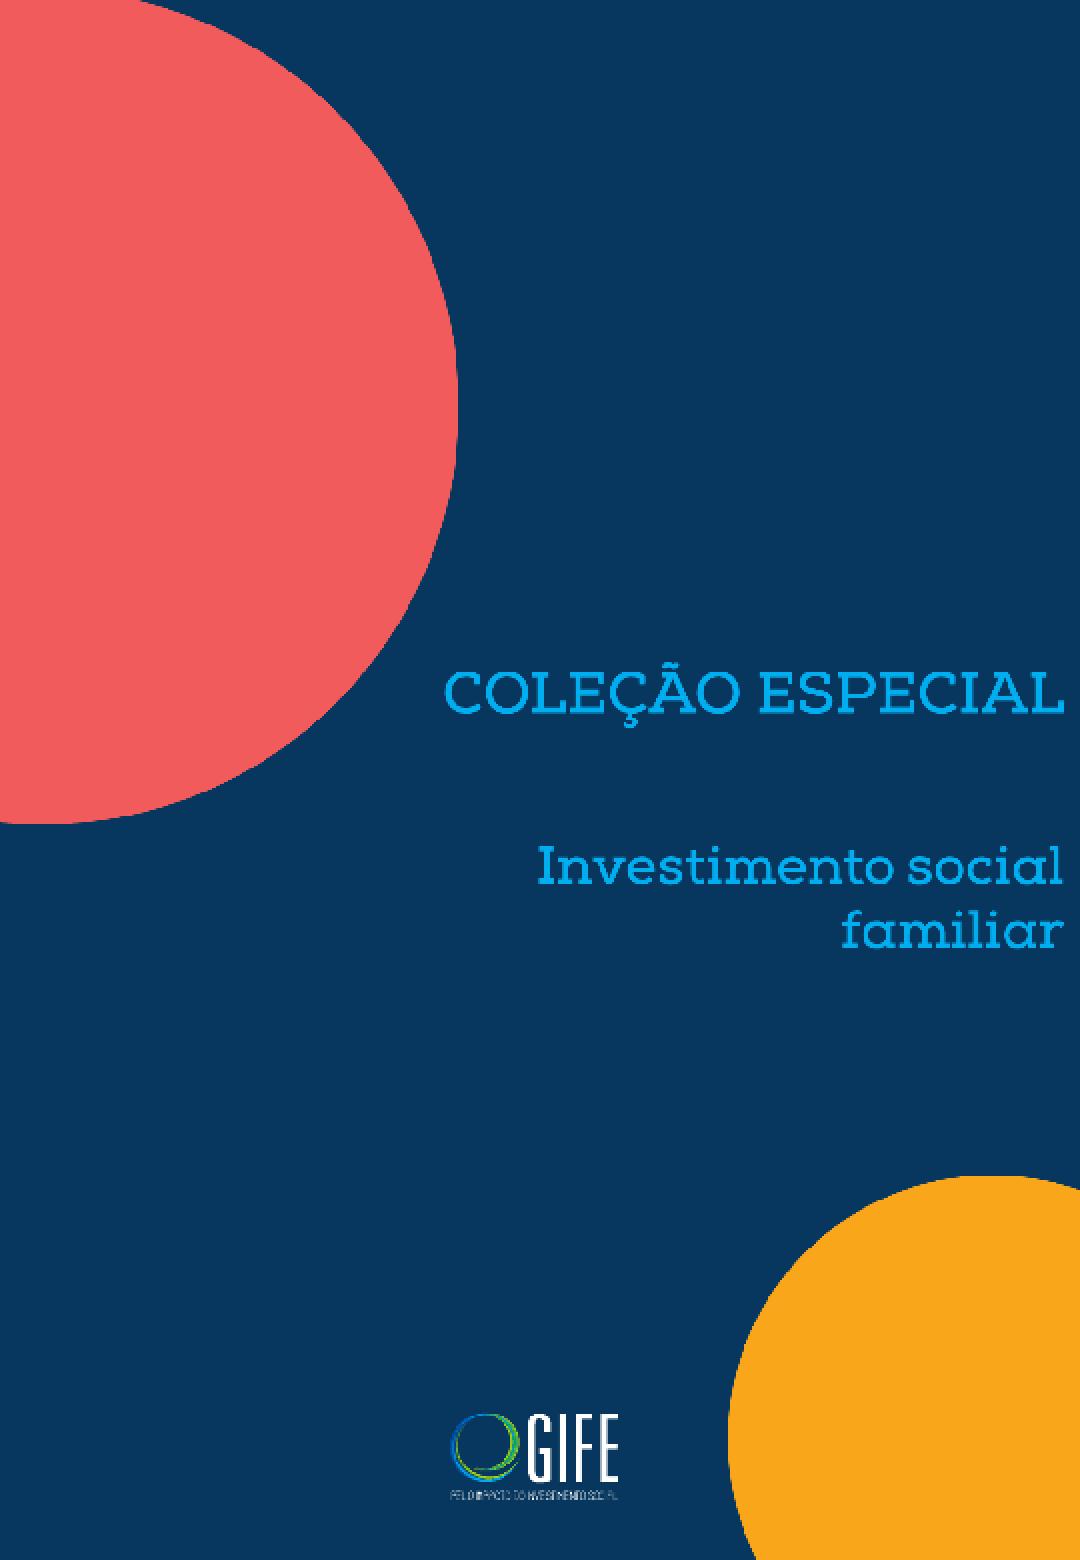 Coleção especial: investimento social familiar